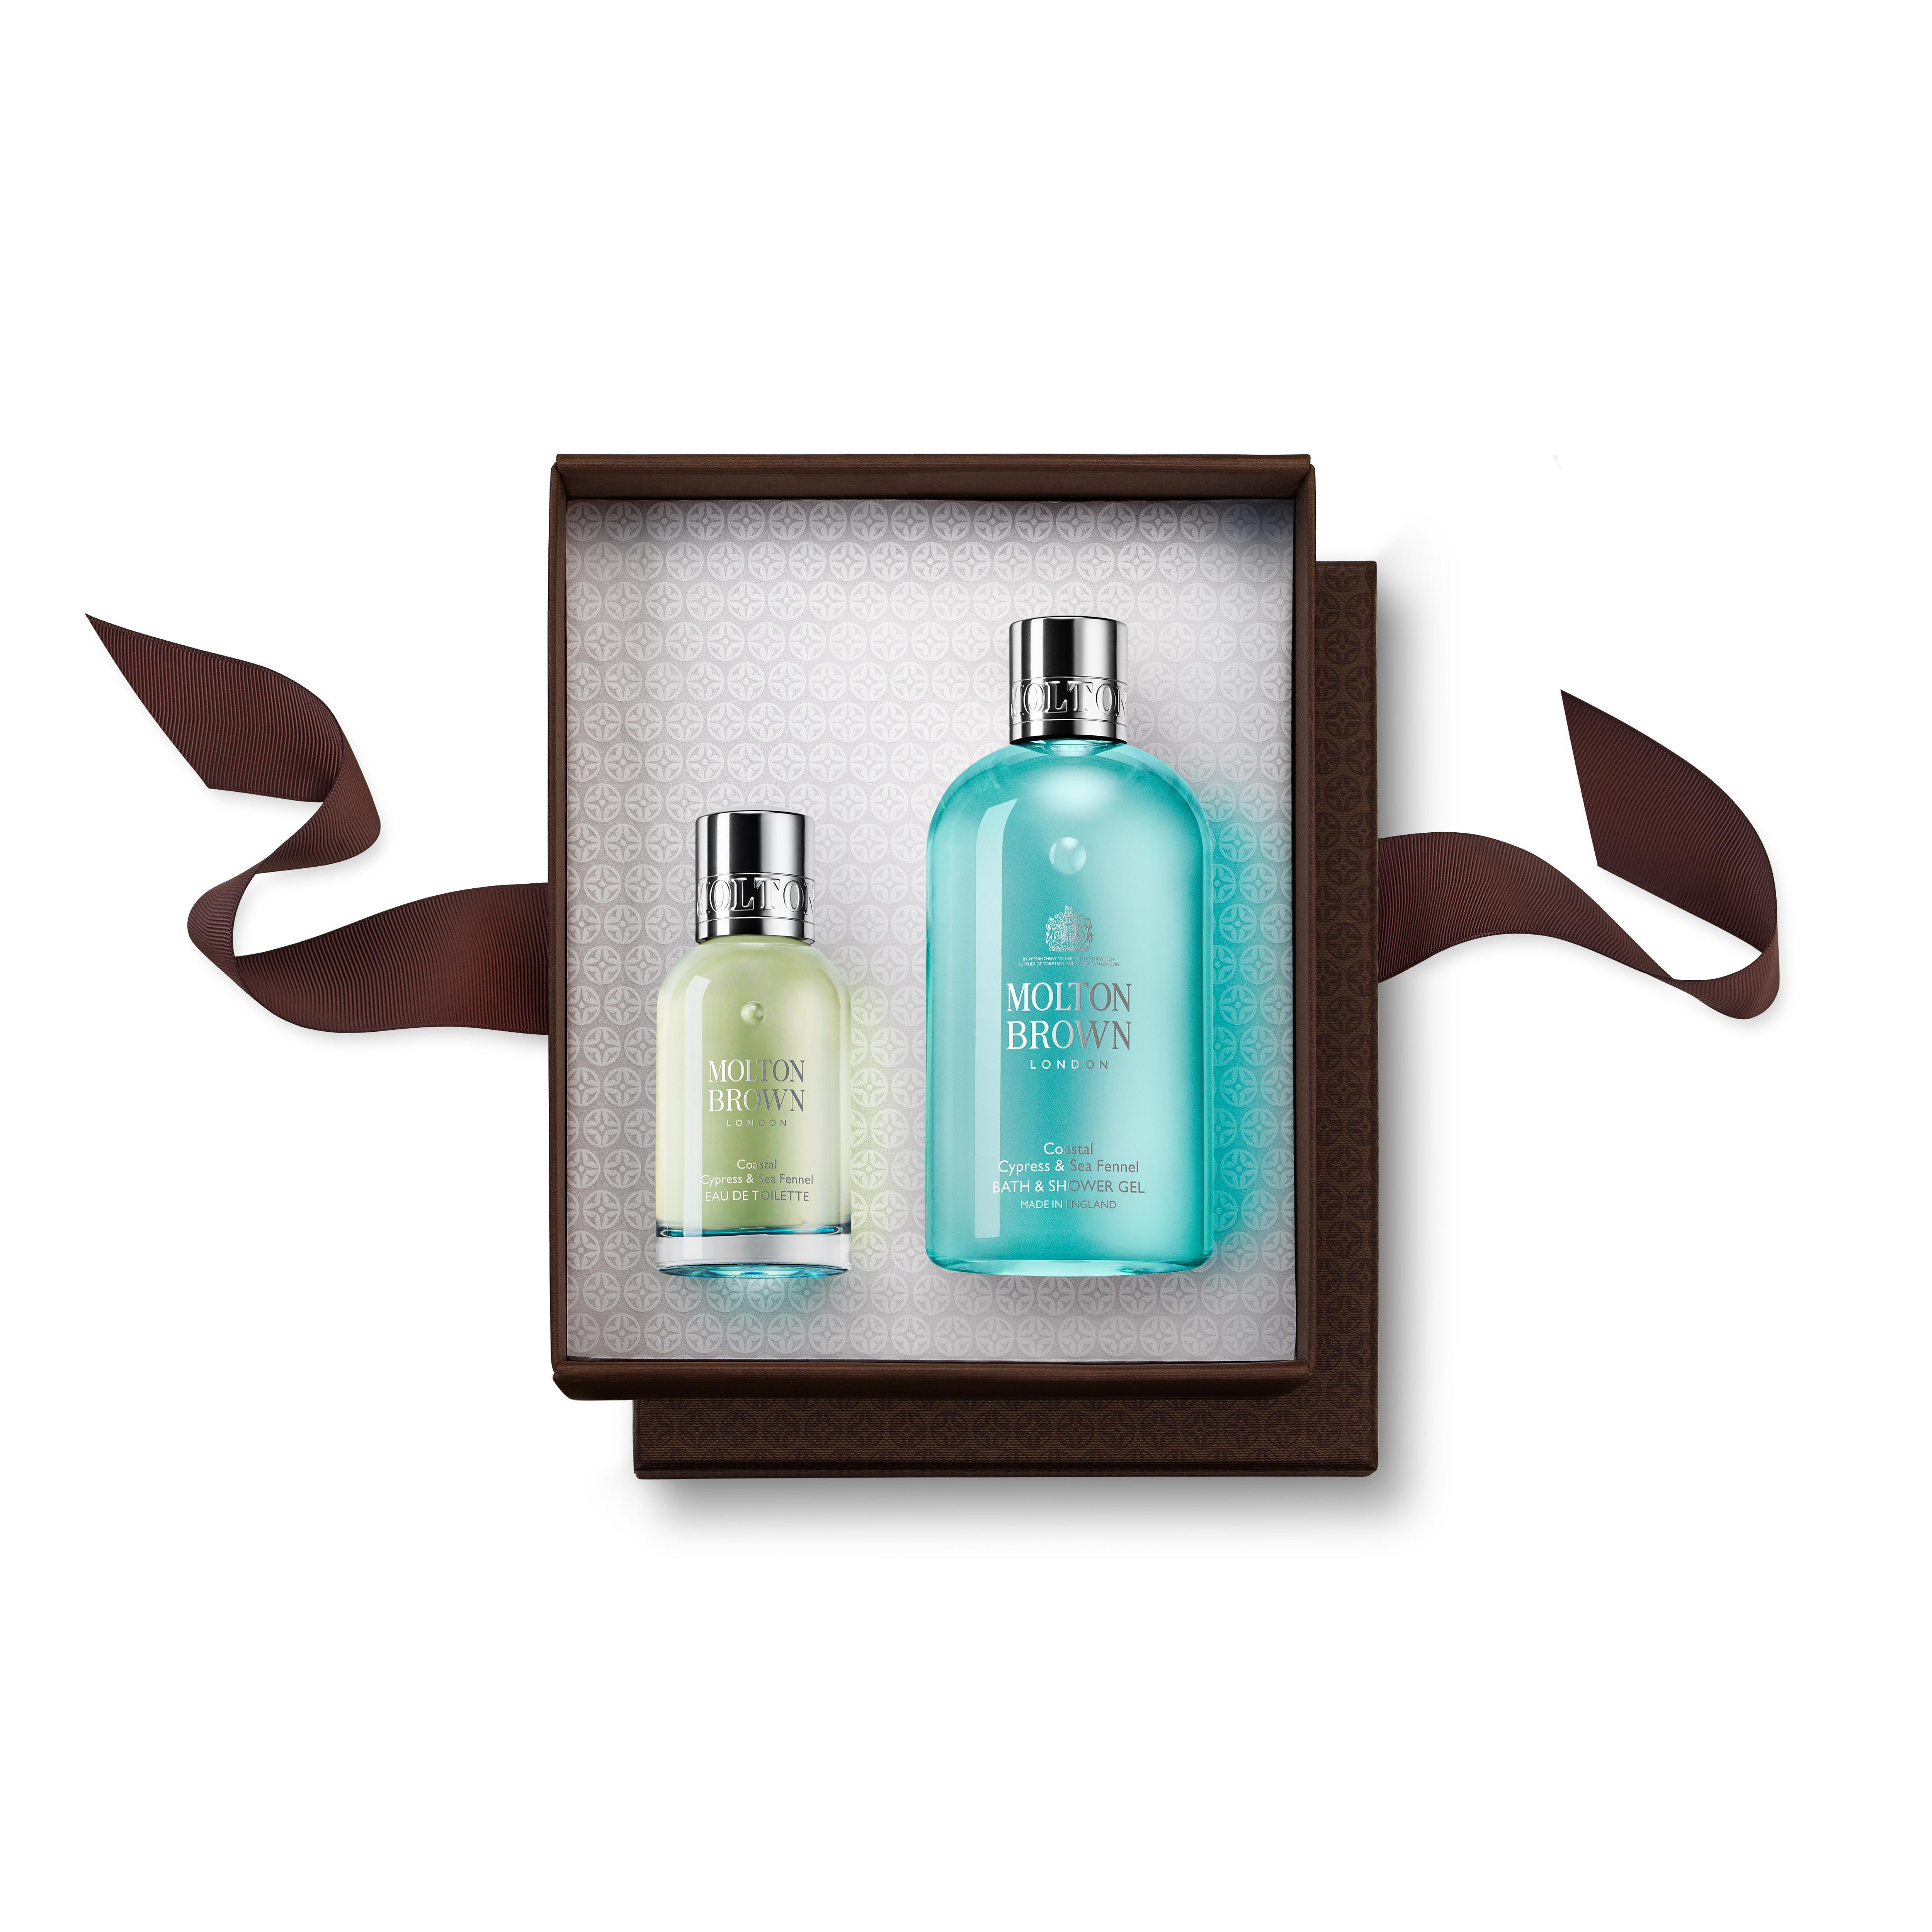 8a3cc3bd1fc1 Coastal Cypress   Sea Fennel Fragrance Gift Set